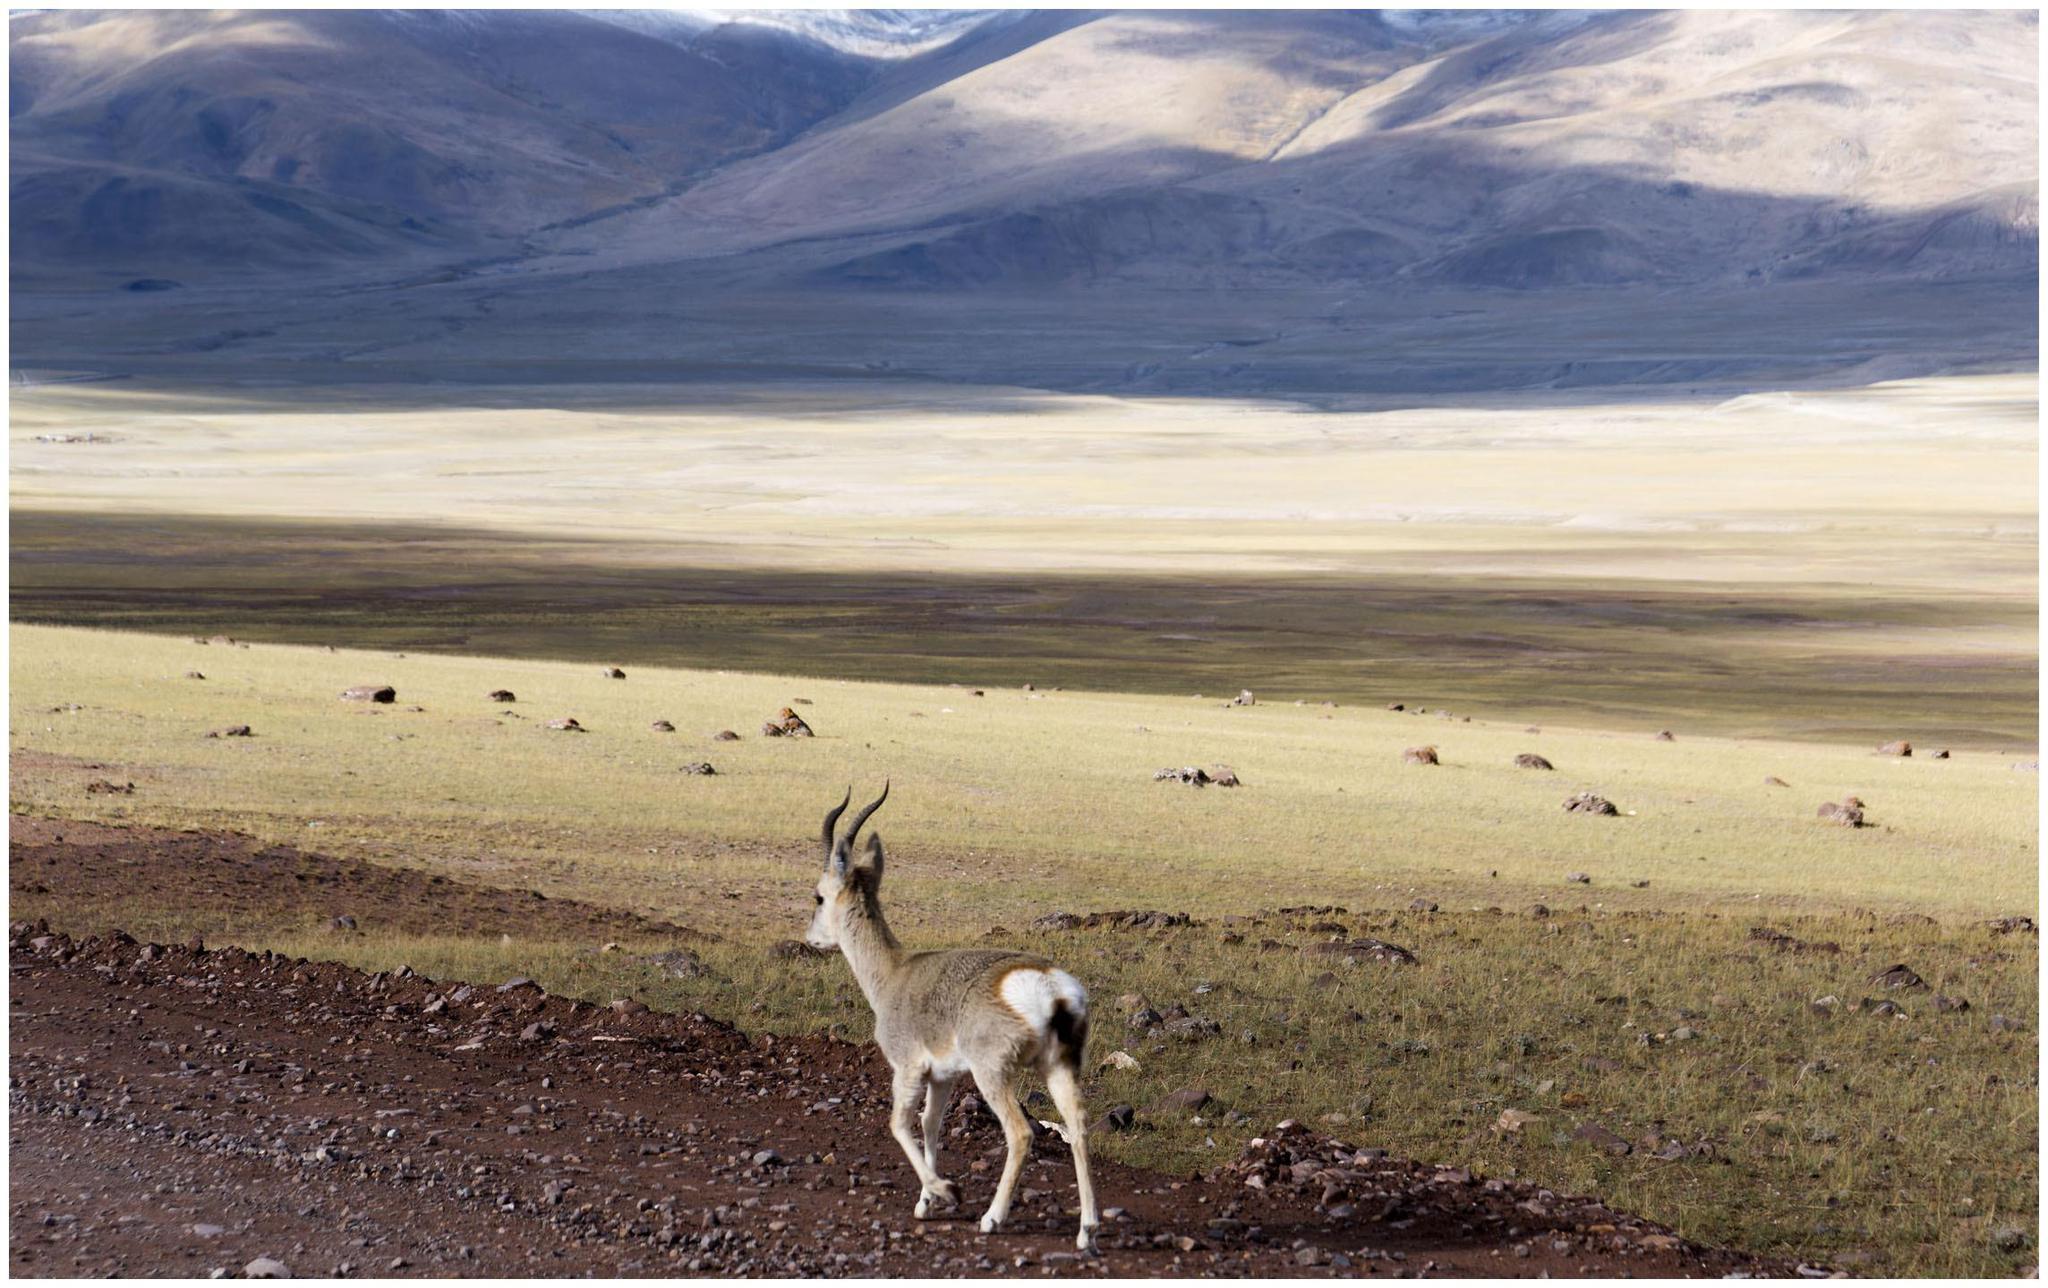 绍马里野生动物保护区,约旦最重要的濒危野生动物繁殖中心